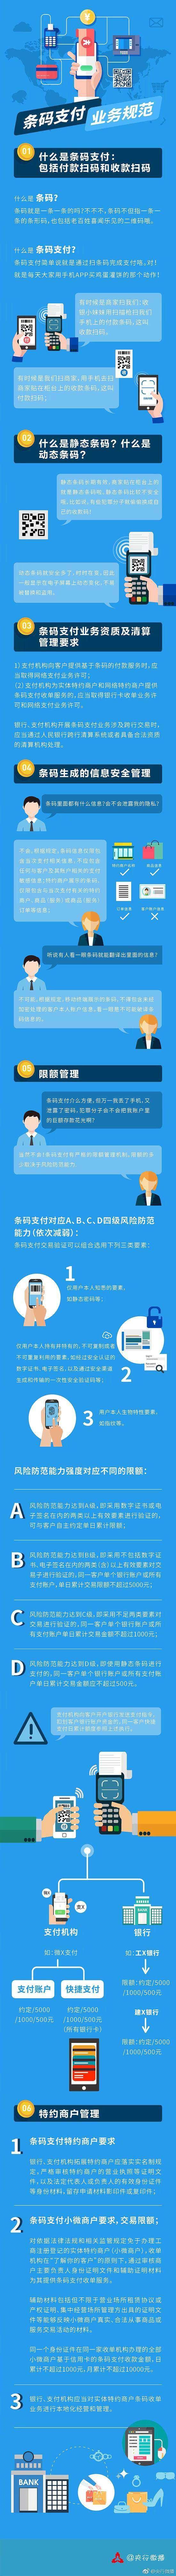 支付宝微信变天!一张图看懂央行新规《条码支付行业规范》